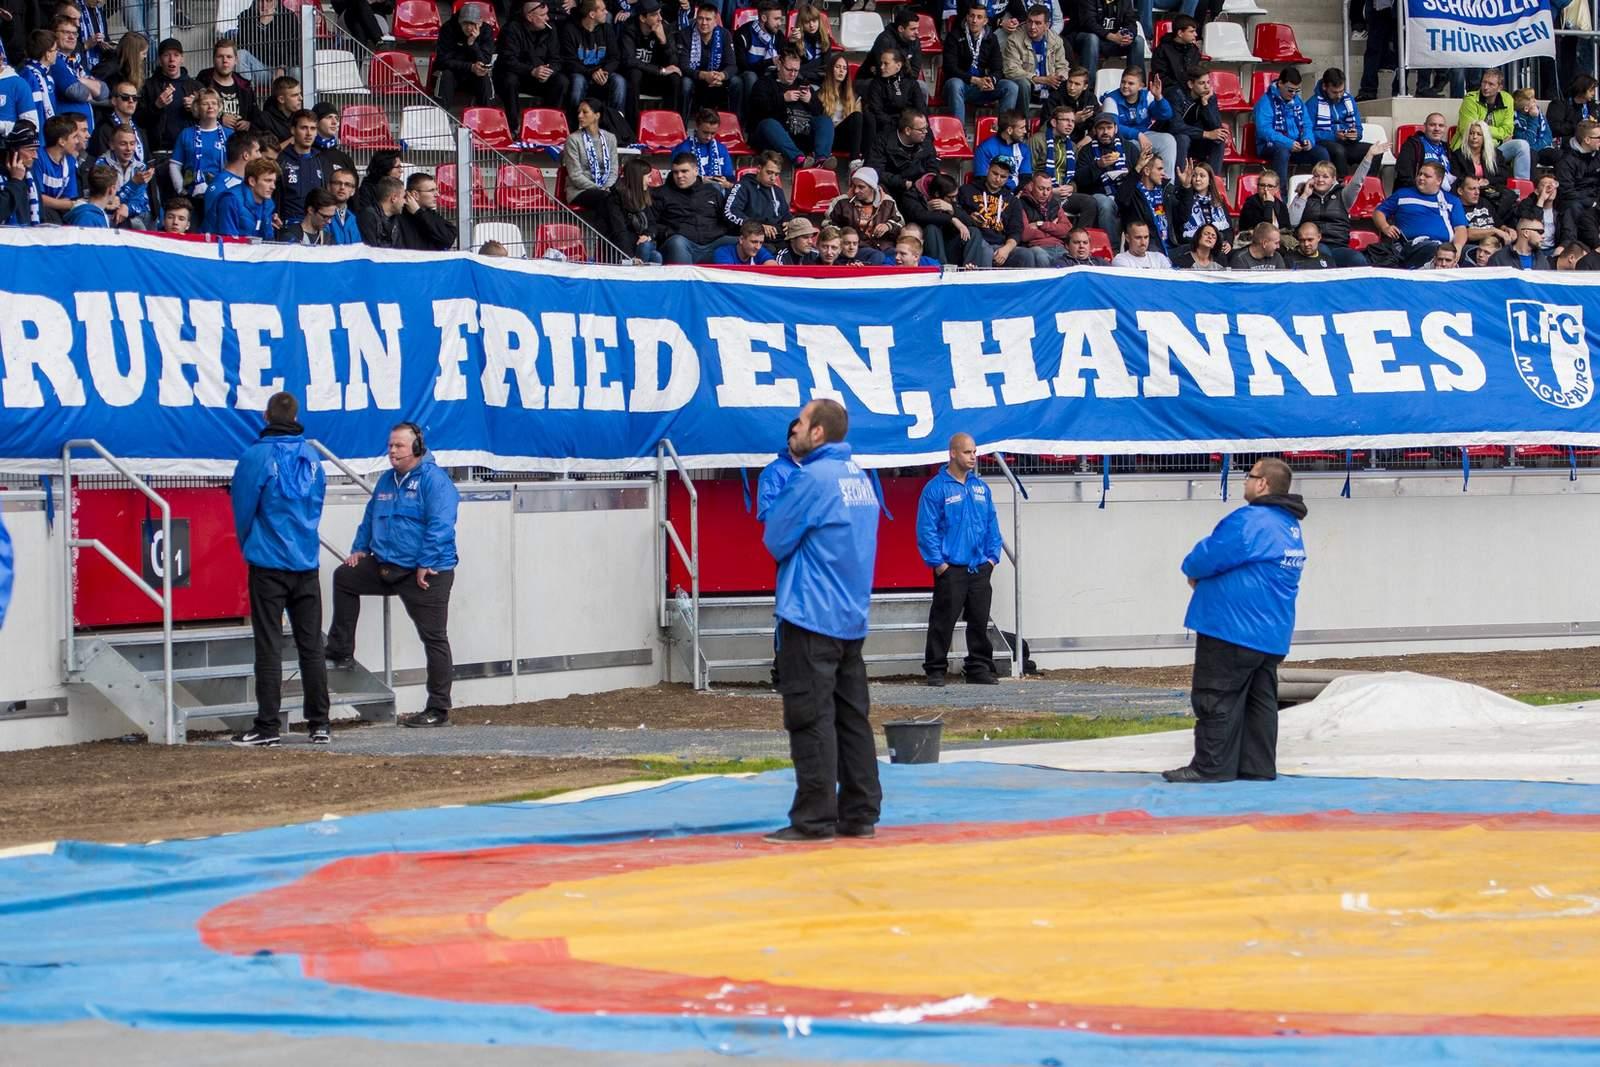 Magdeburg-Fans mit einem Banner für Hannes.